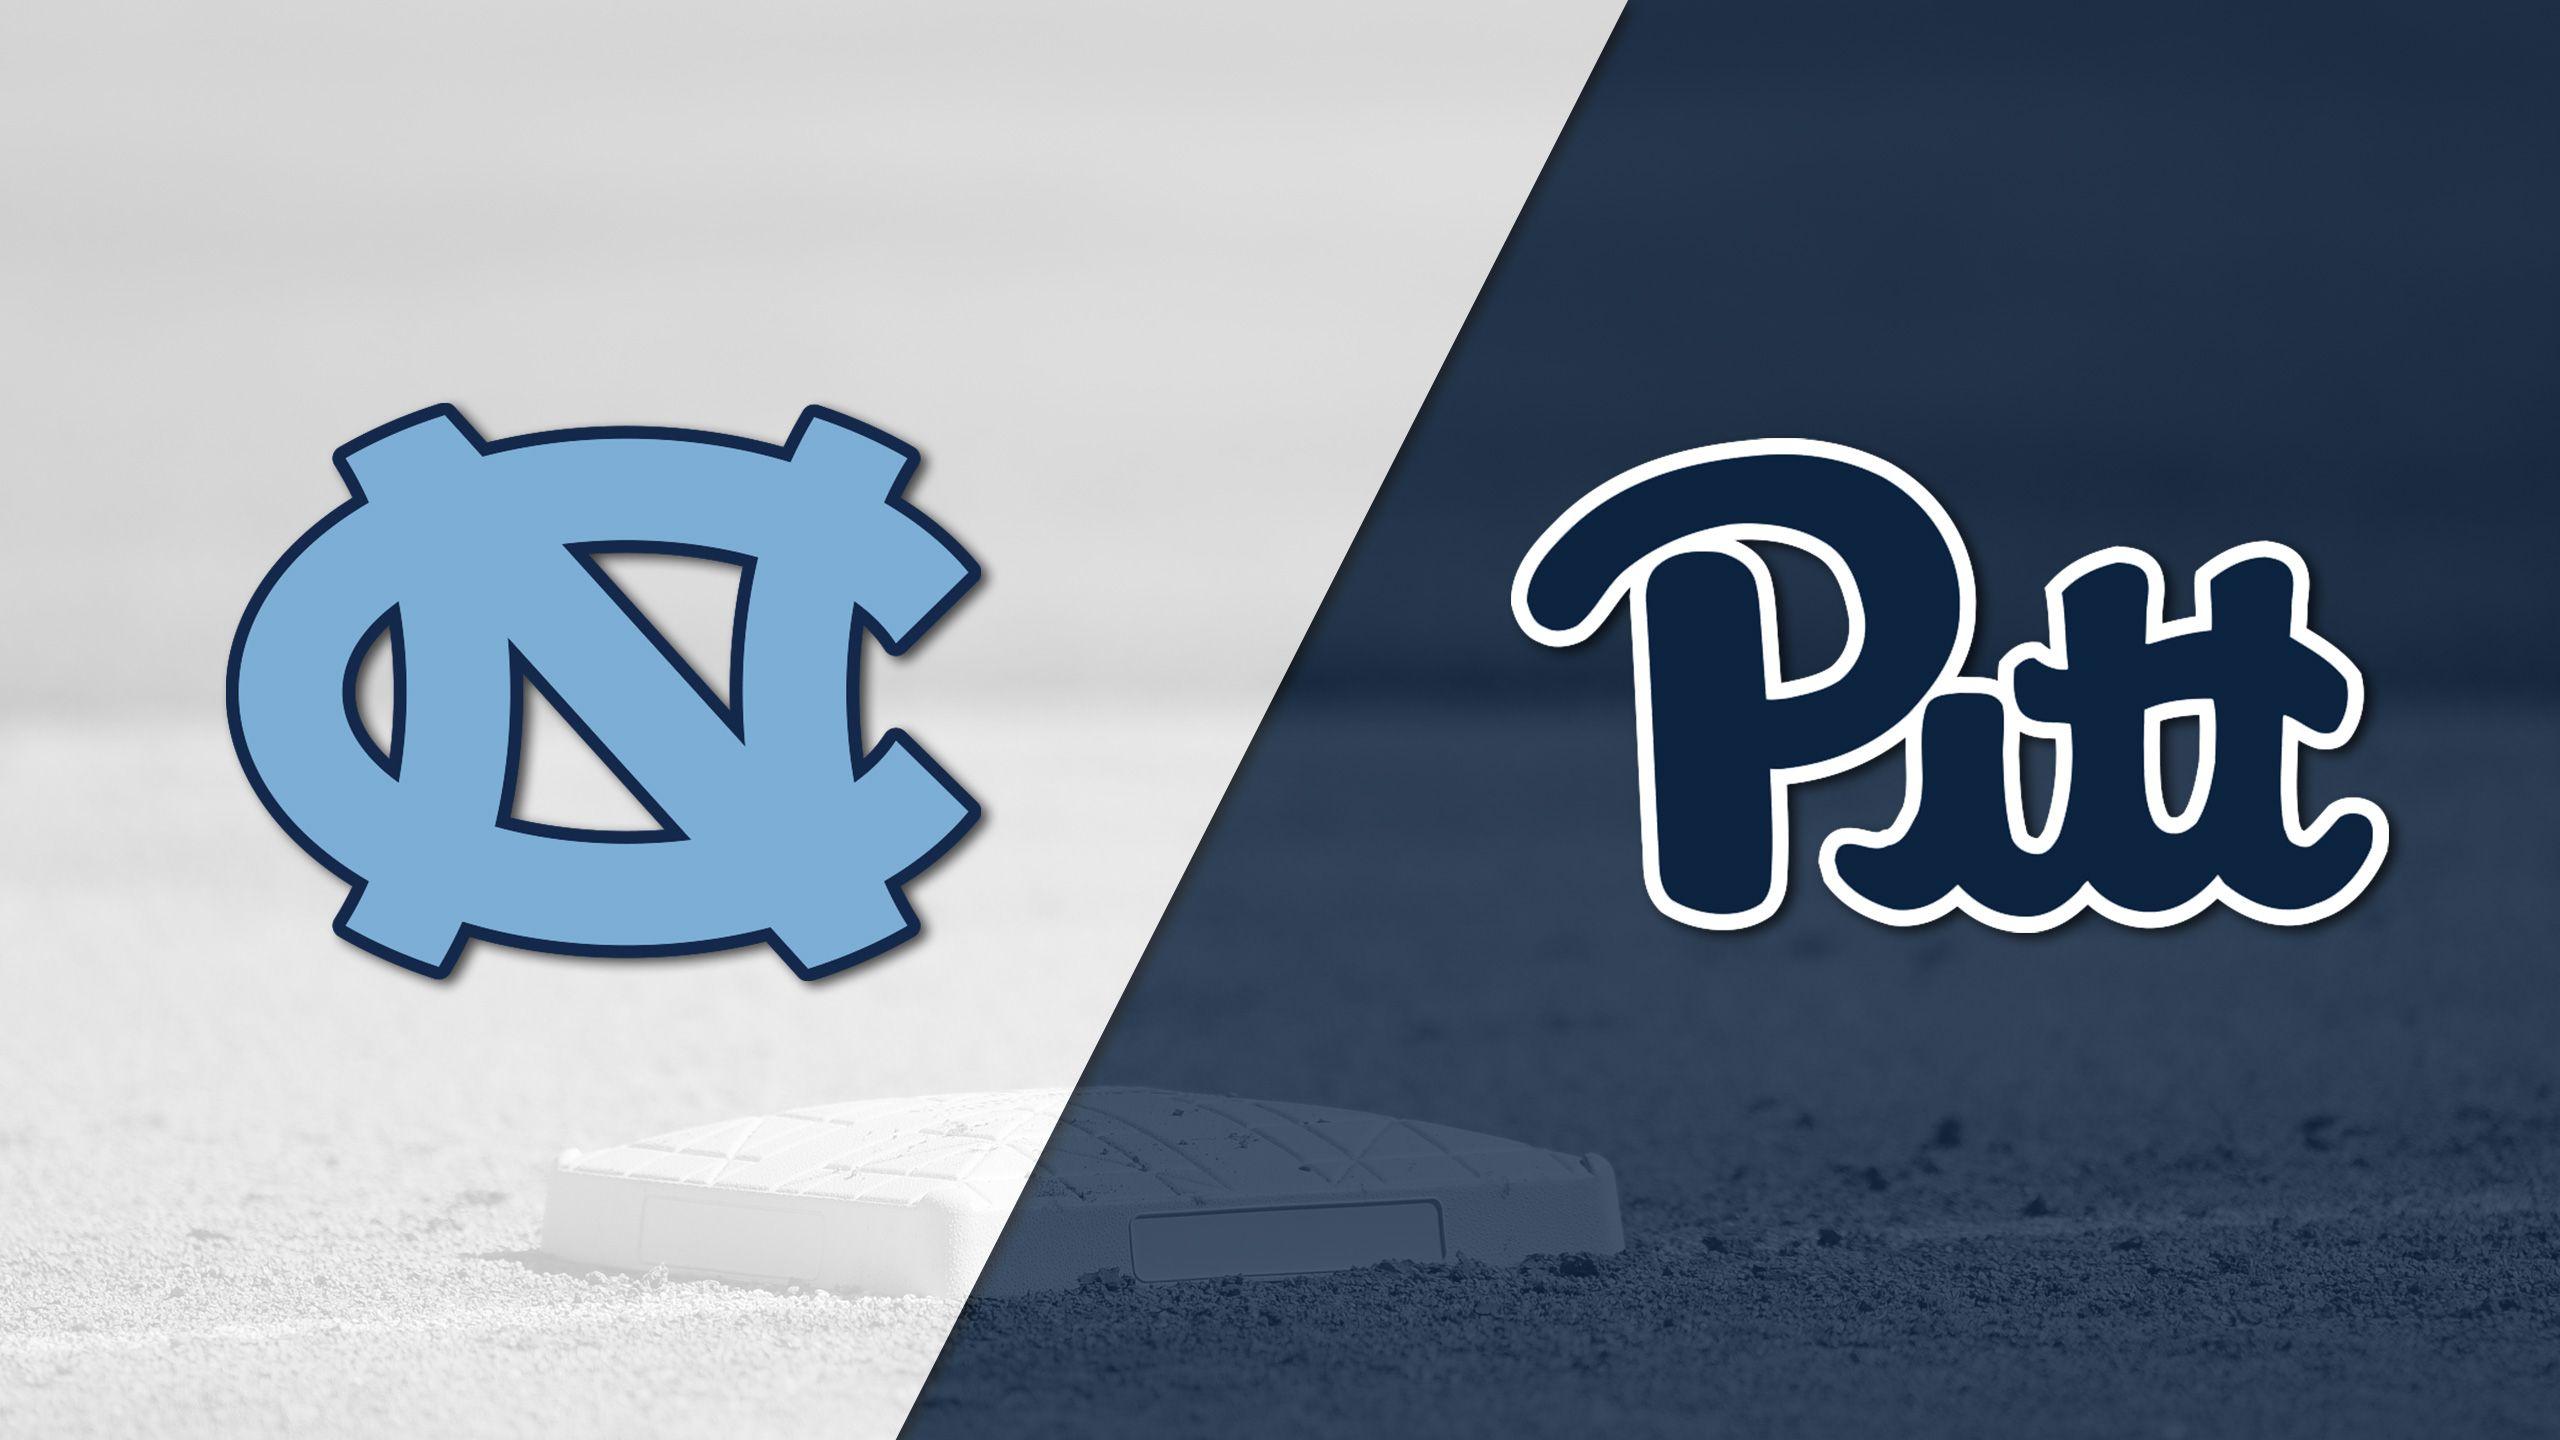 #3 North Carolina vs. Pittsburgh (Baseball)